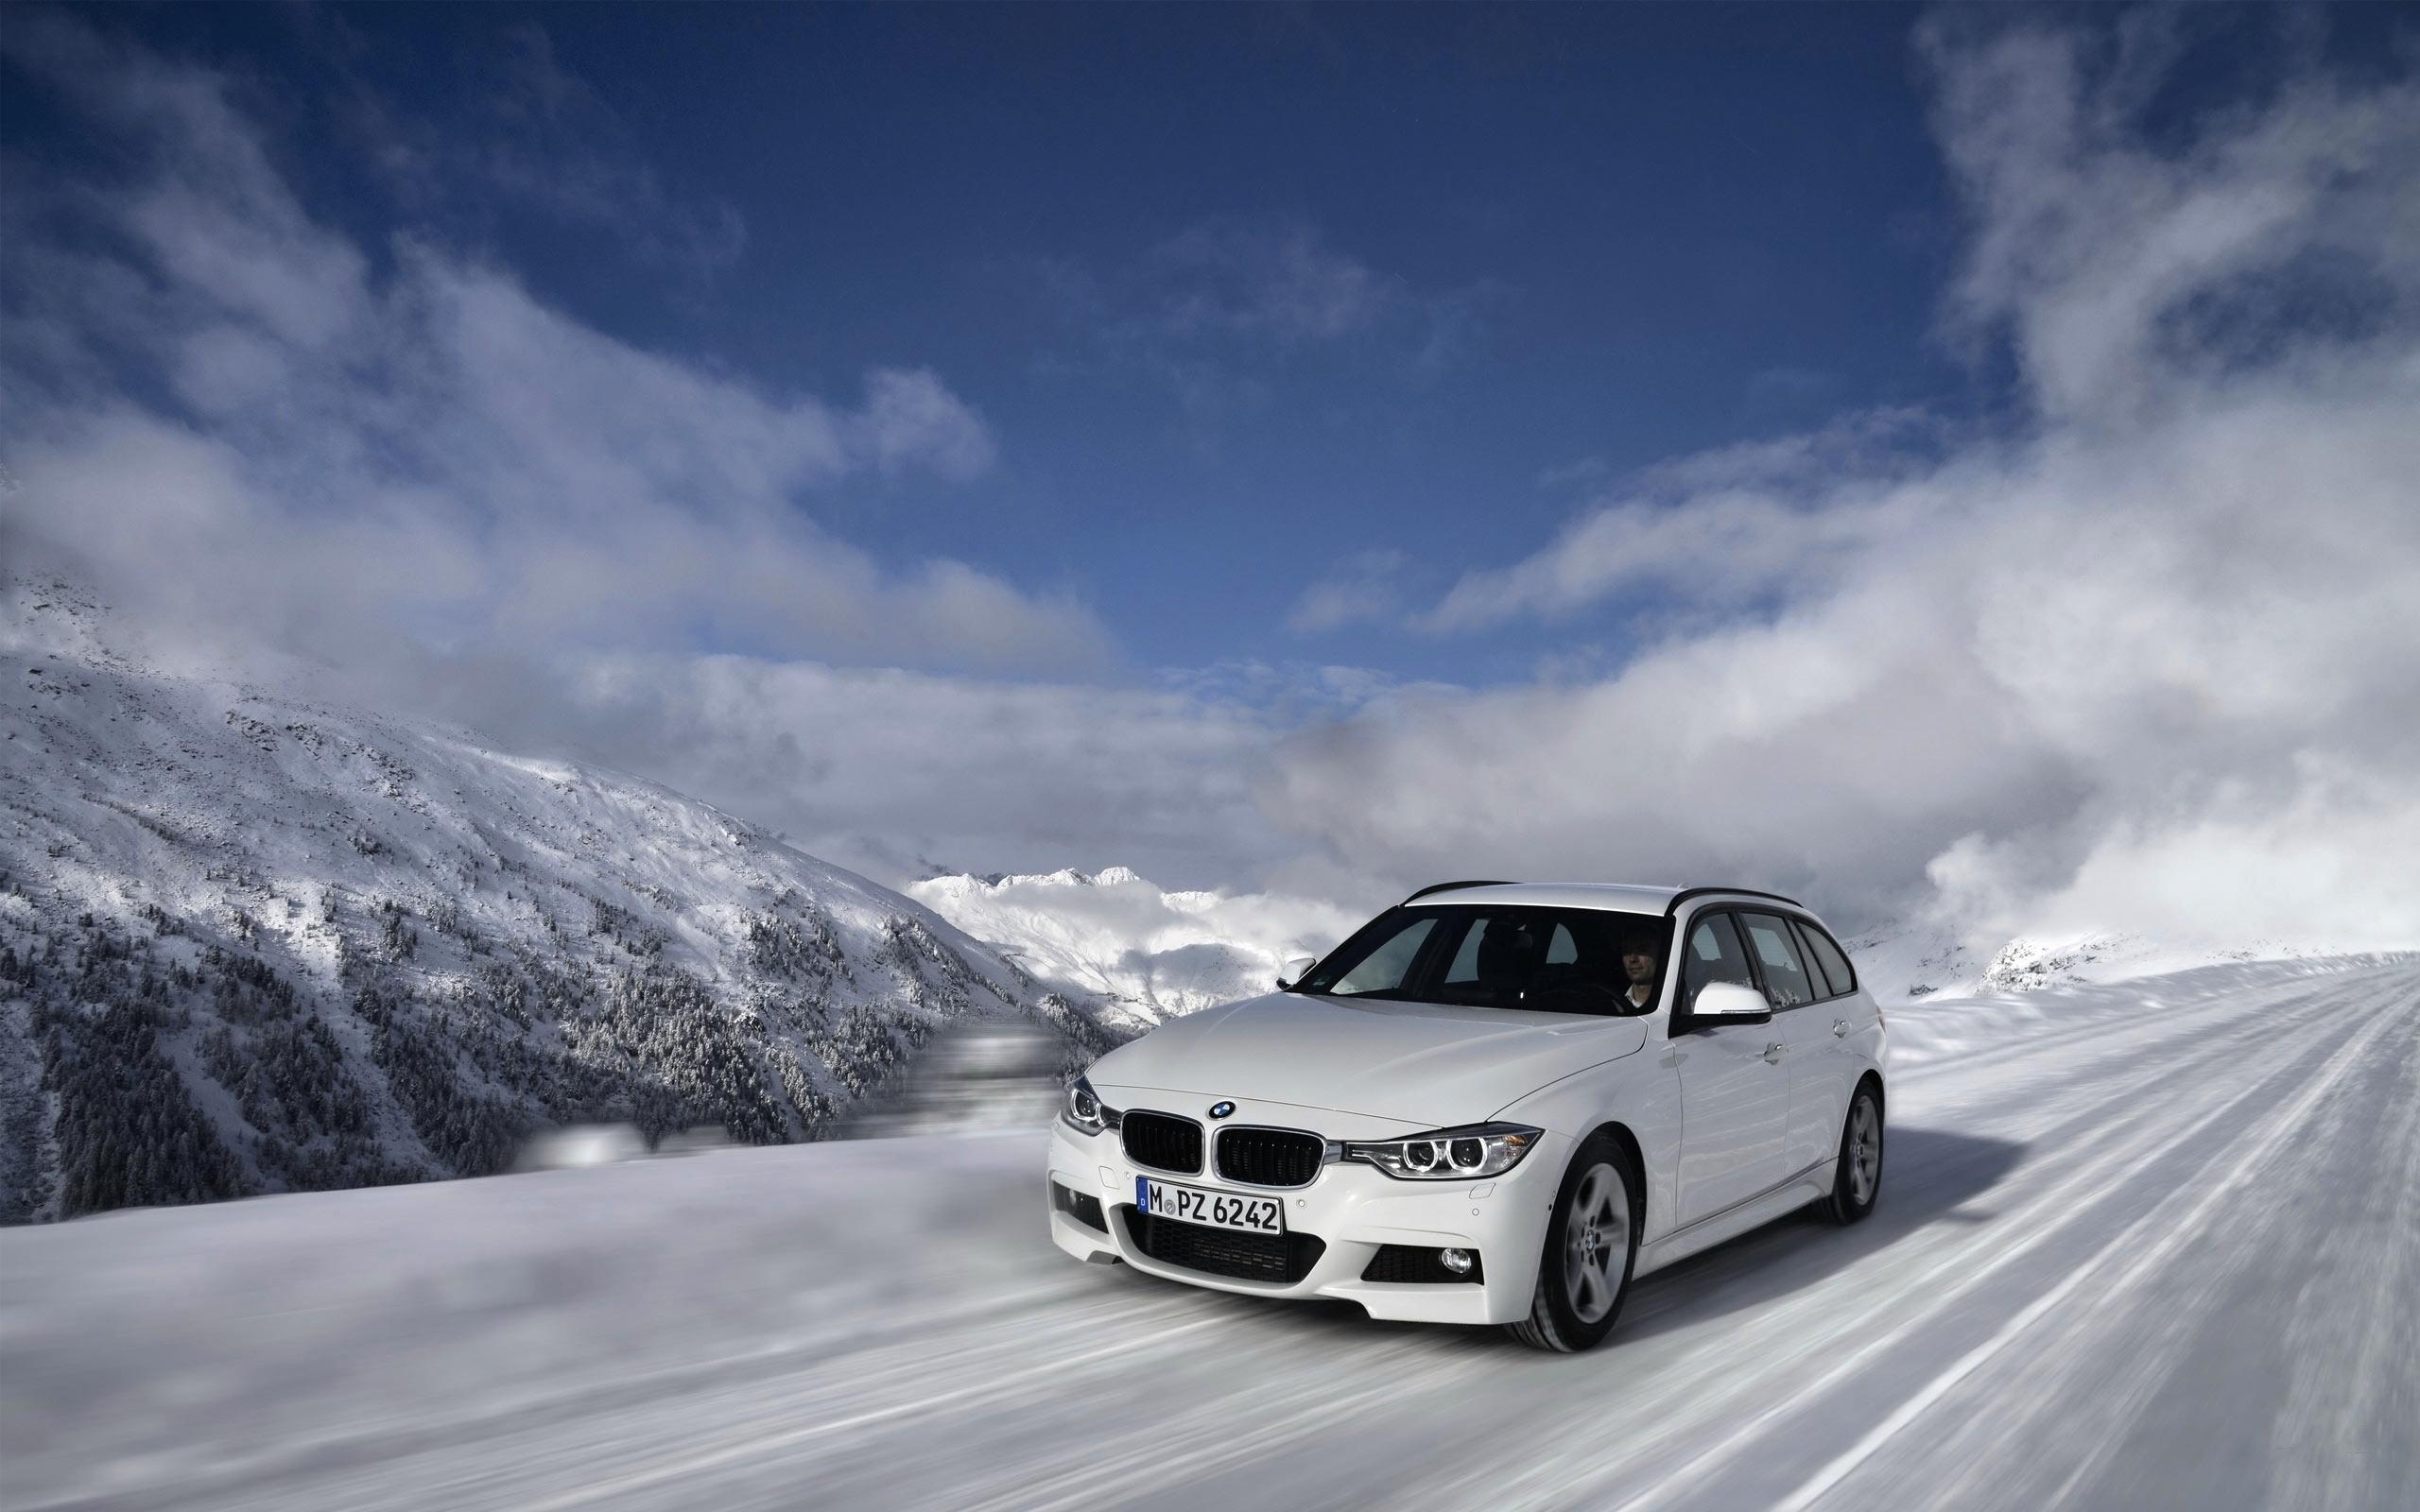 Красивые картинки с автомобилями зимой, день